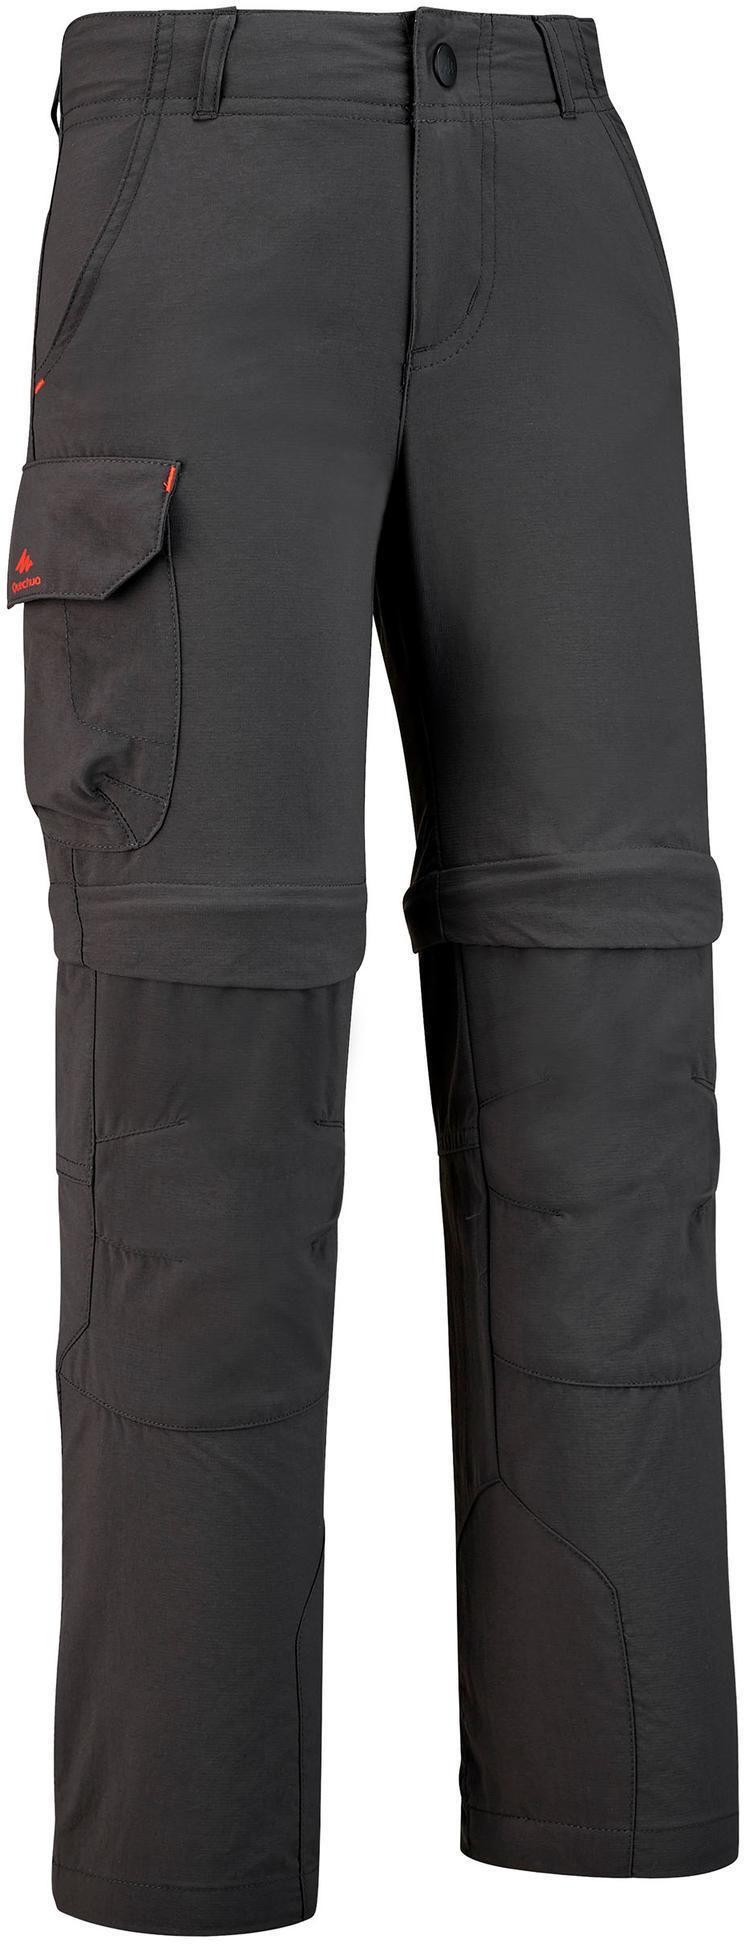 Spodnie turystyczne - MH550 2w1 - dla dzieci 7-15 lat